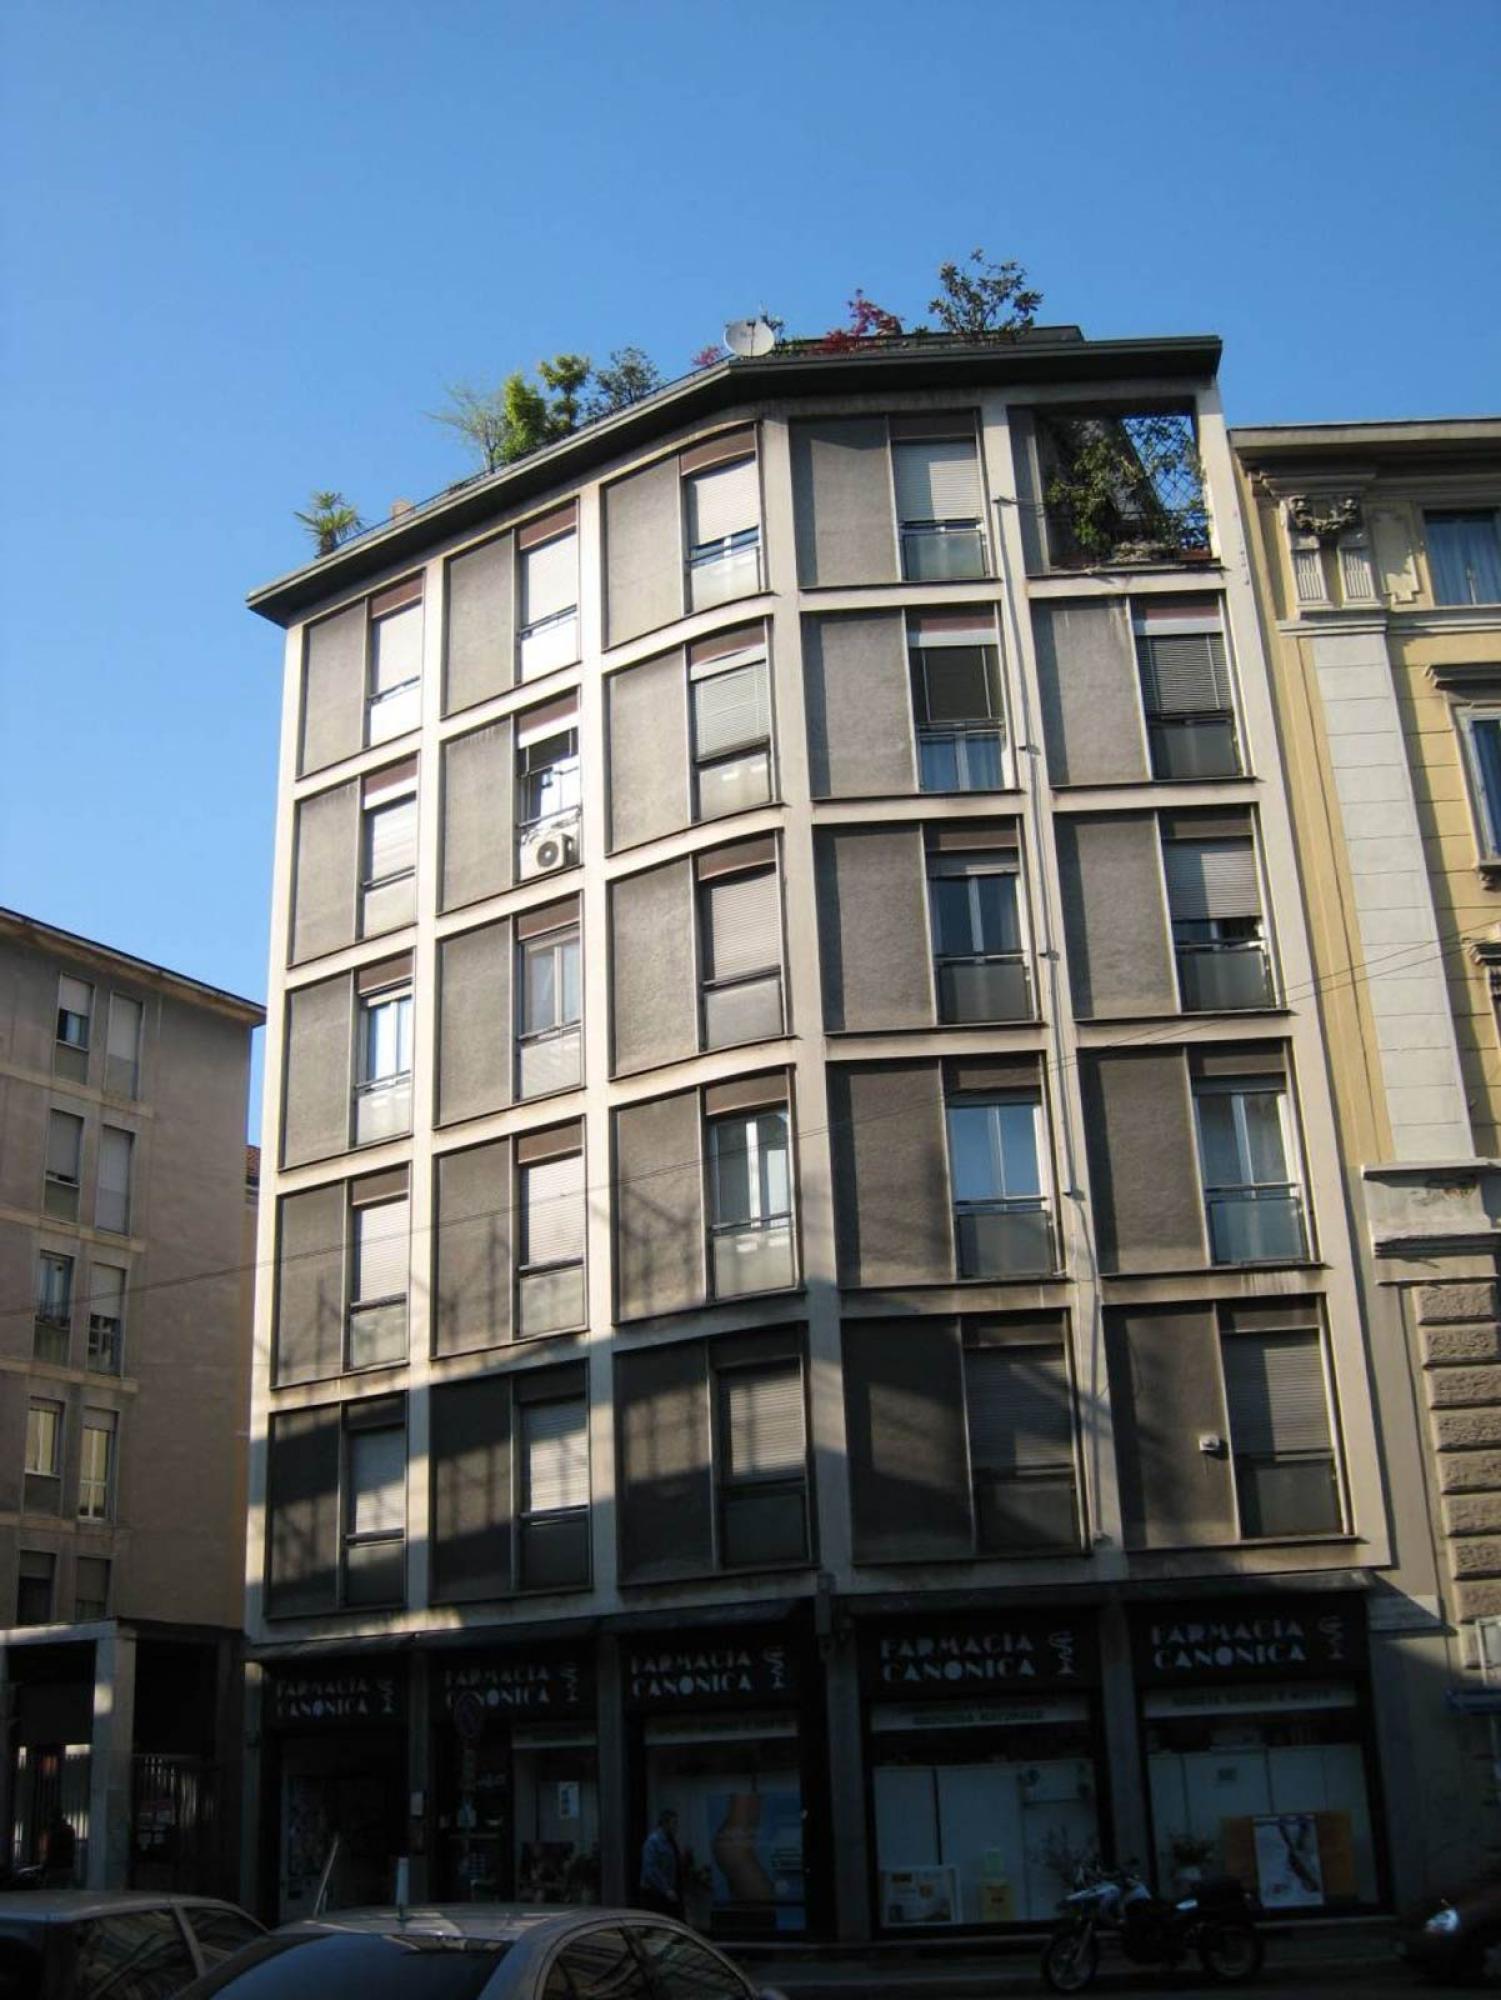 Via canonica 32 mh32 agenzia immobiliare milano for Immobiliare milano